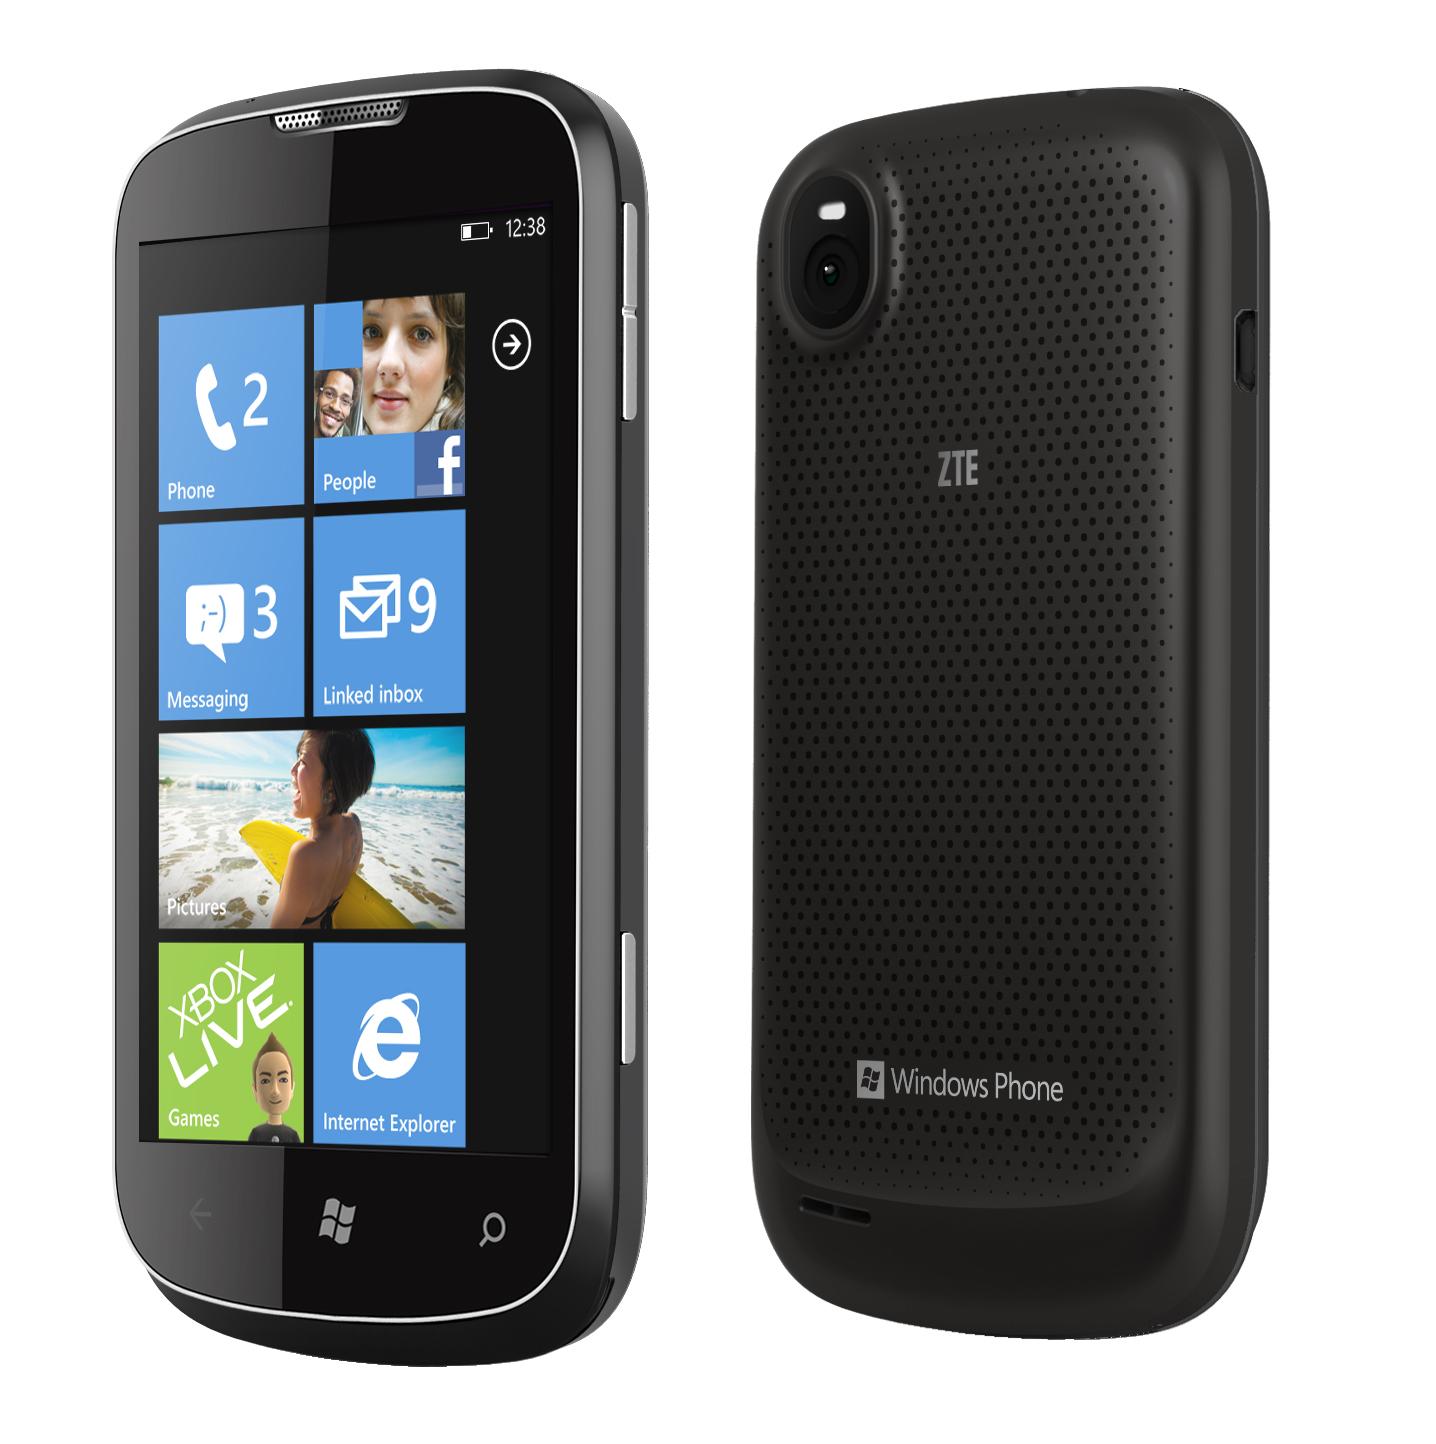 ZTE представила новый бюджетный смартфон Orbit